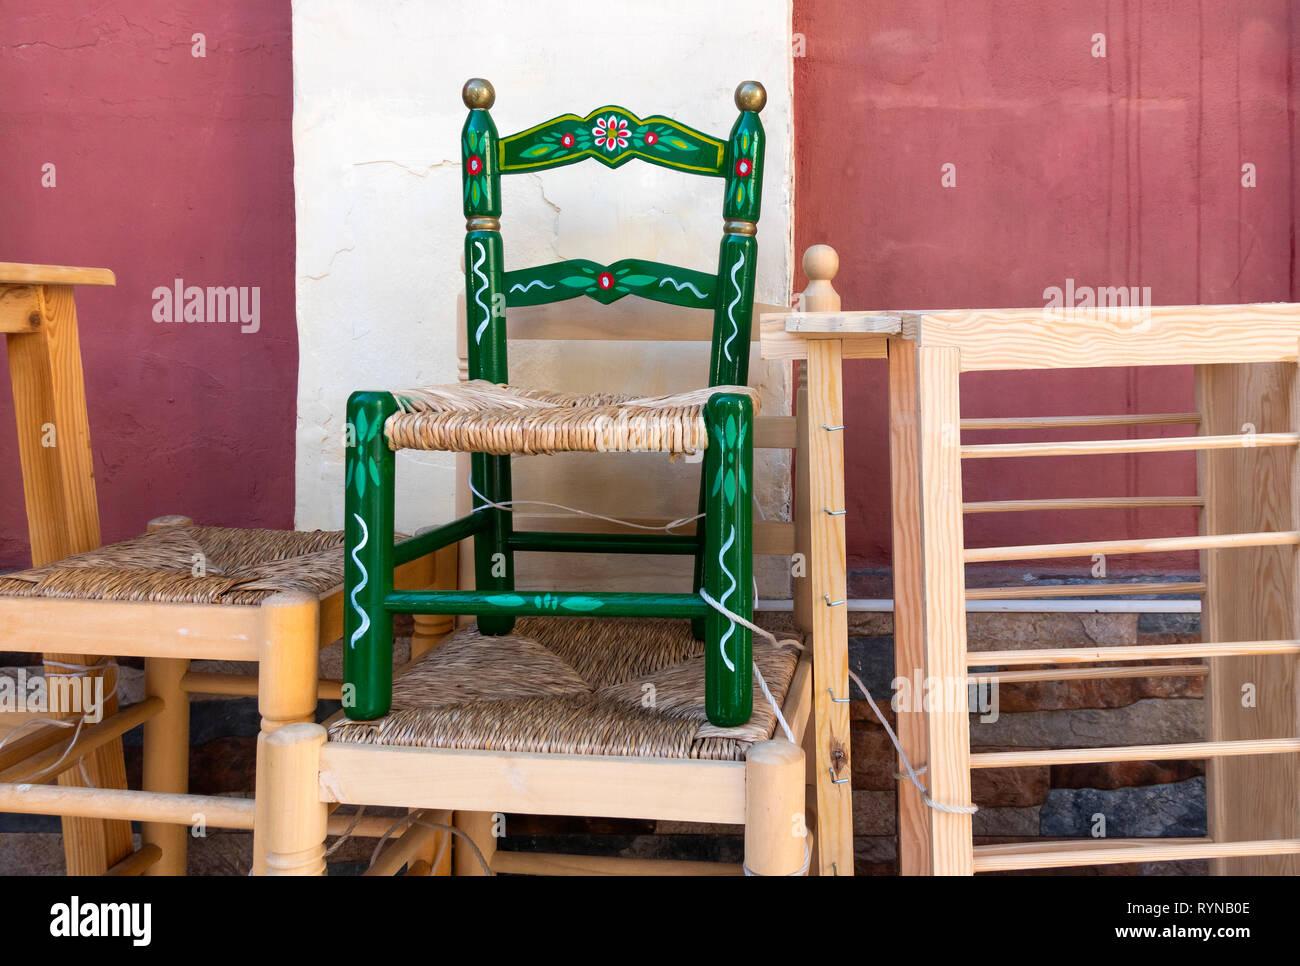 Una sedia a mano per un bambino al furniture makers a Siviglia, Spagna Immagini Stock